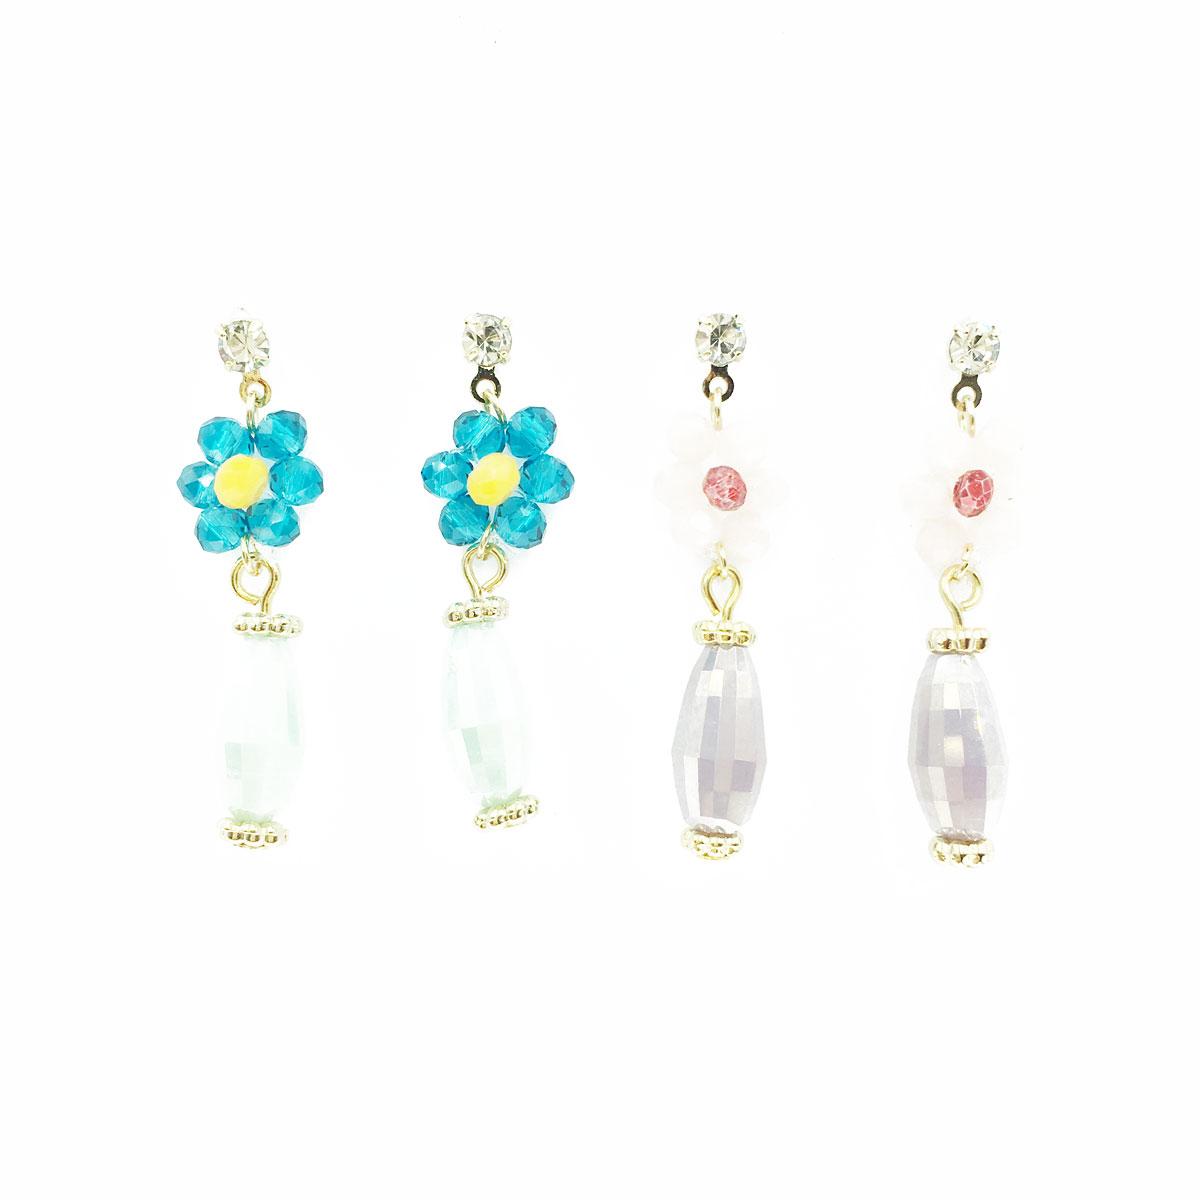 韓國 小花 水鑽 金邊 串珠 兩色 垂墜感 耳針式 耳環